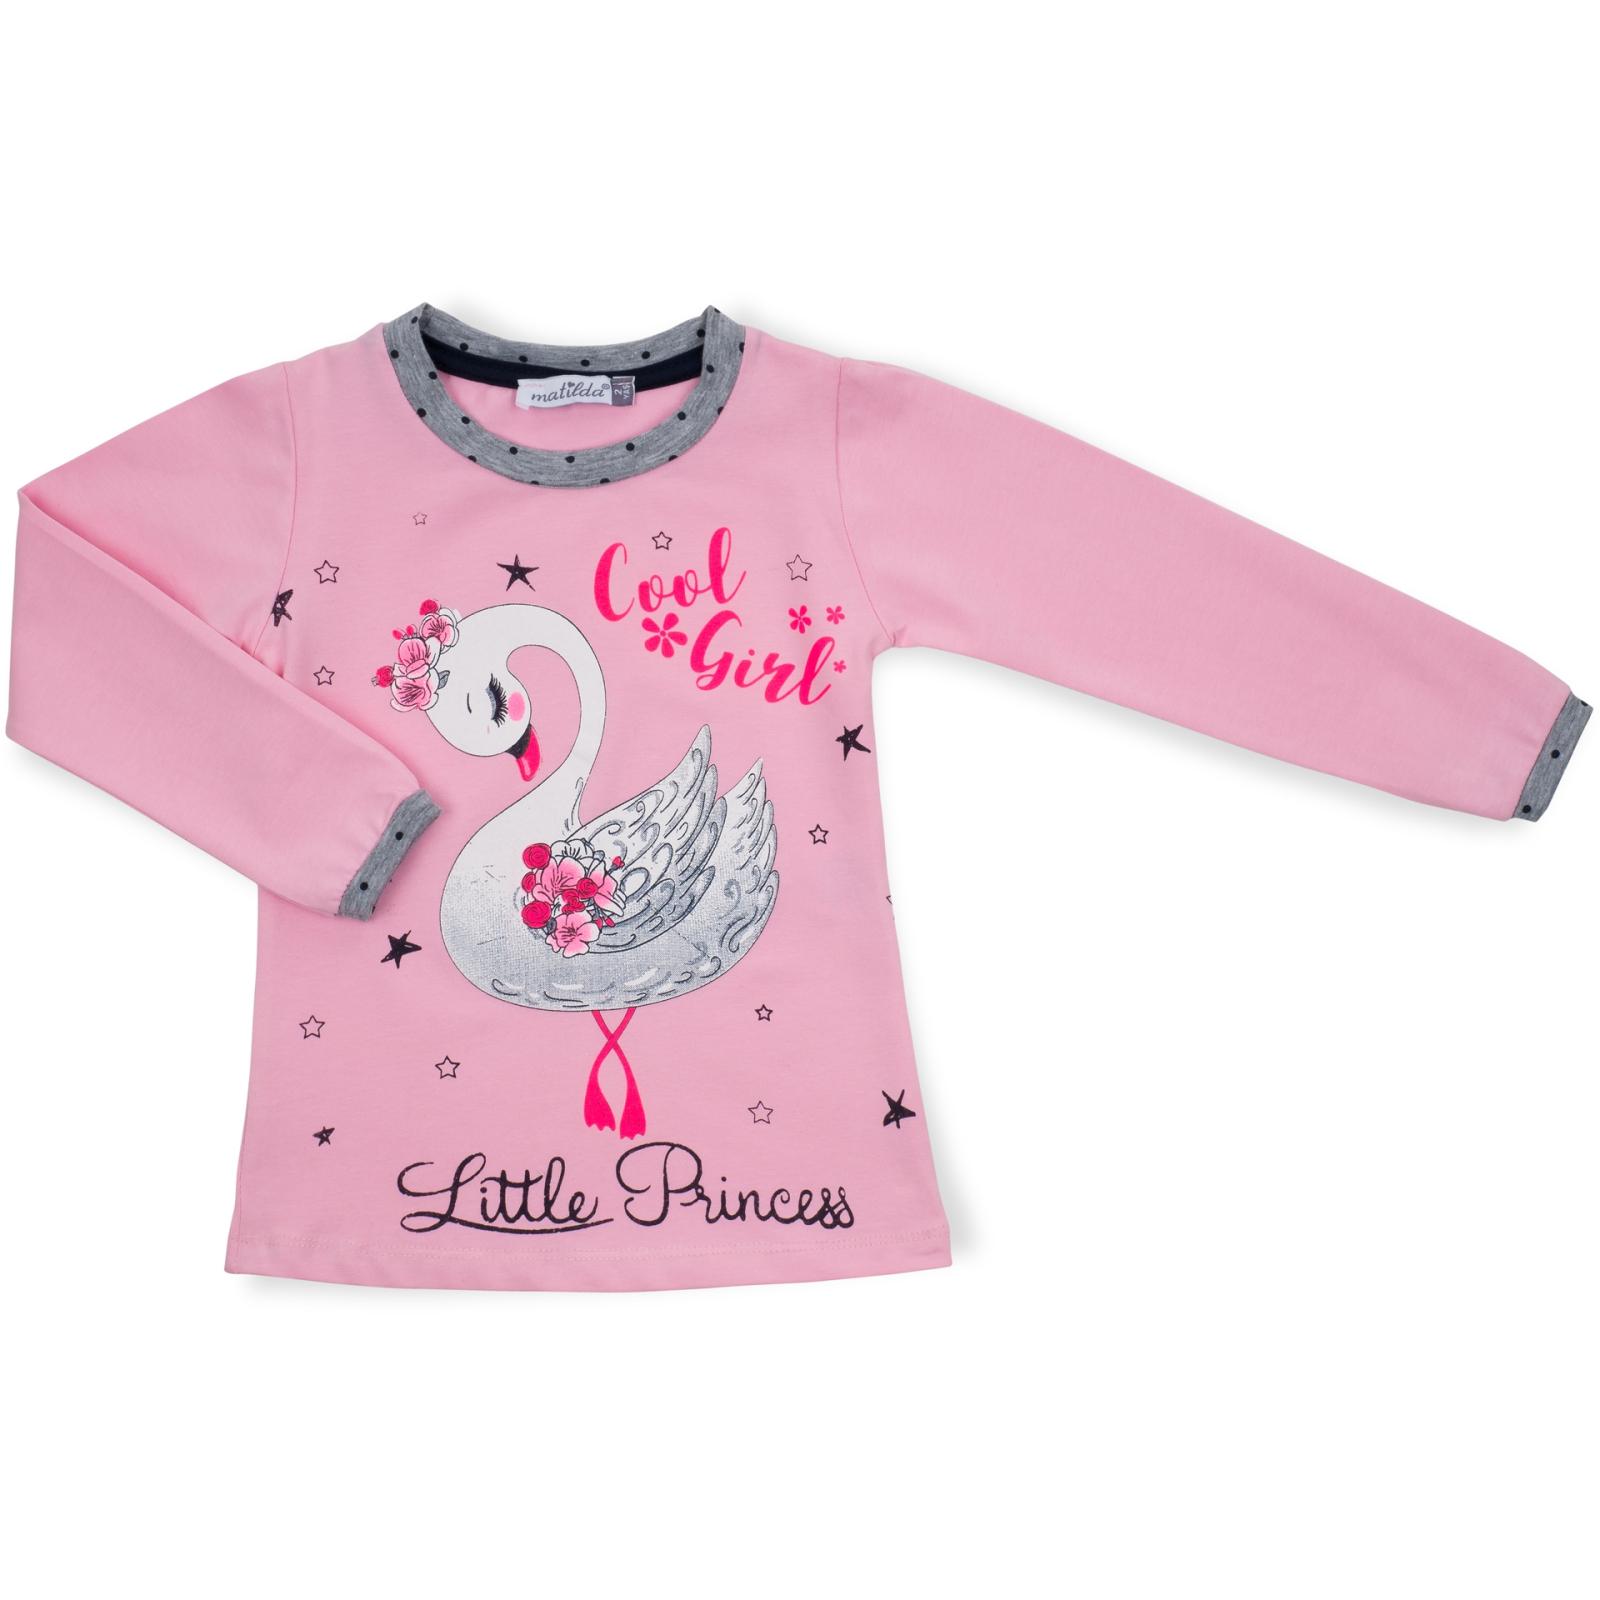 Пижама Matilda с лебедем (10939-2-92G-pink) изображение 2